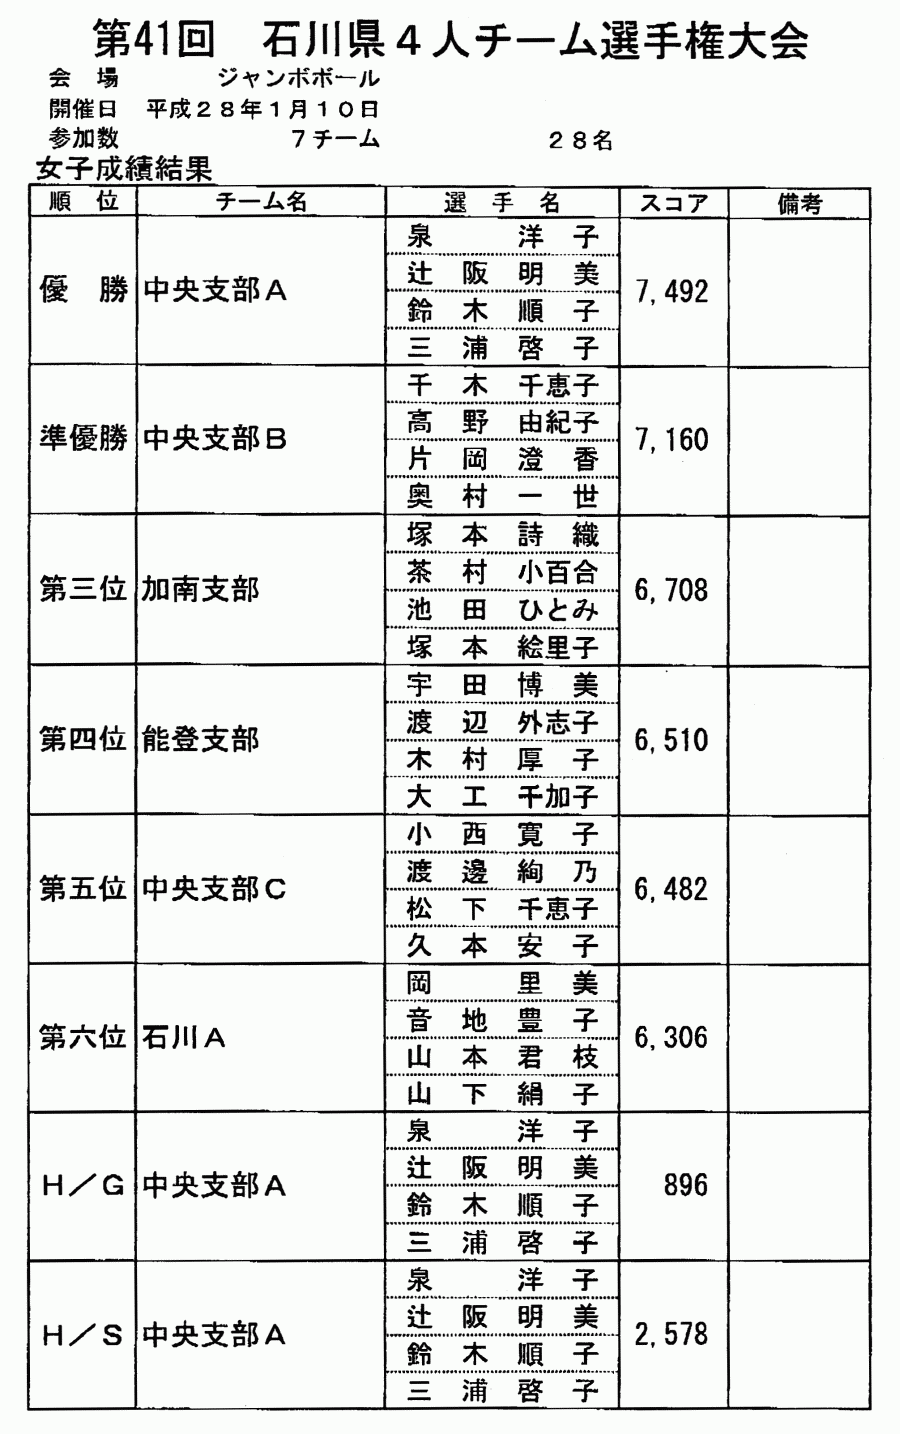 第41回 石川県4人チーム選手権大会_女子